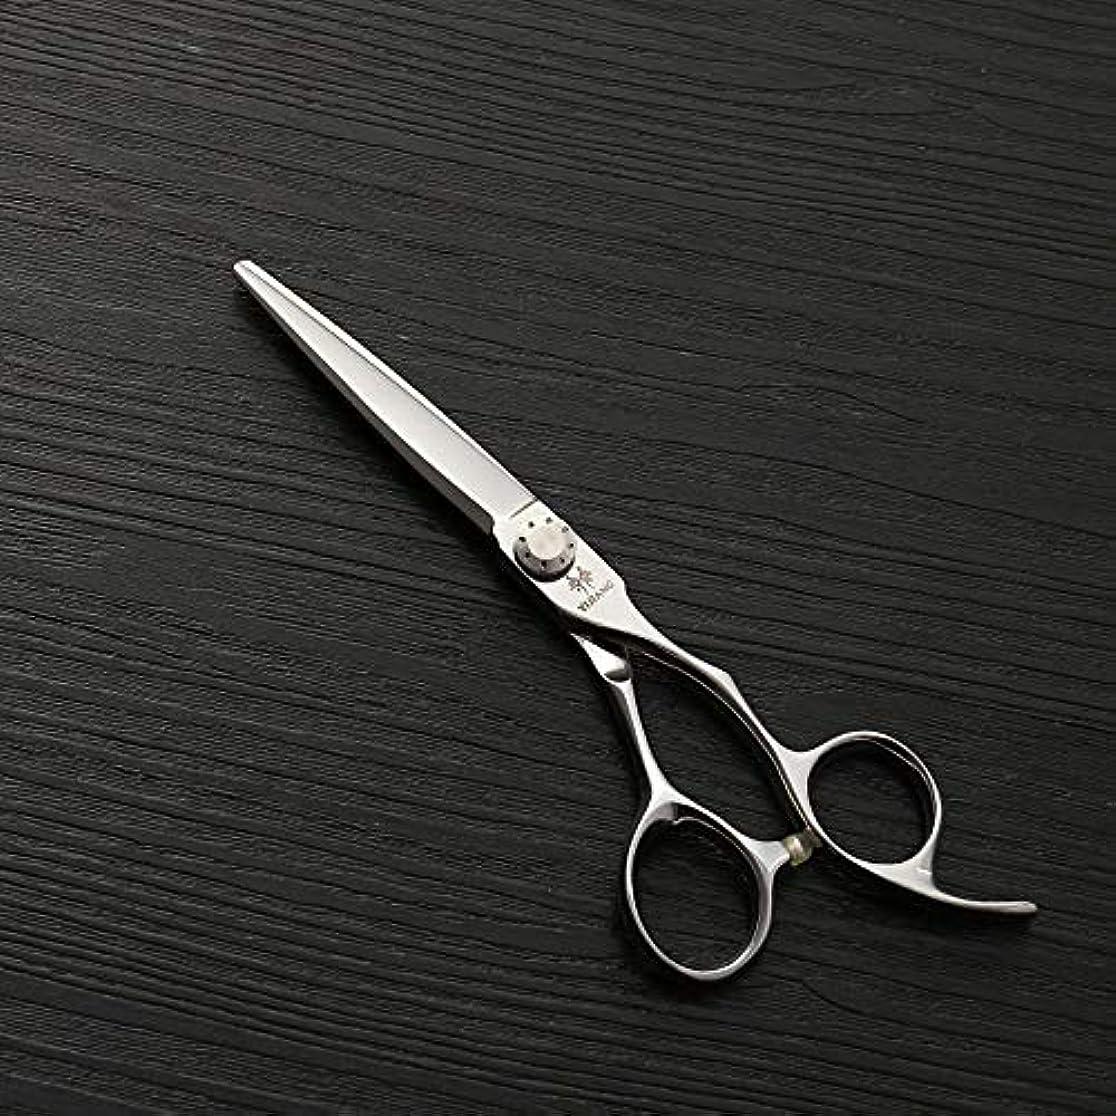 医学前投薬民間人440C フラットせん断、6インチ美容院プロフェッショナルステンレススチール理髪ツール モデリングツール (色 : Silver)